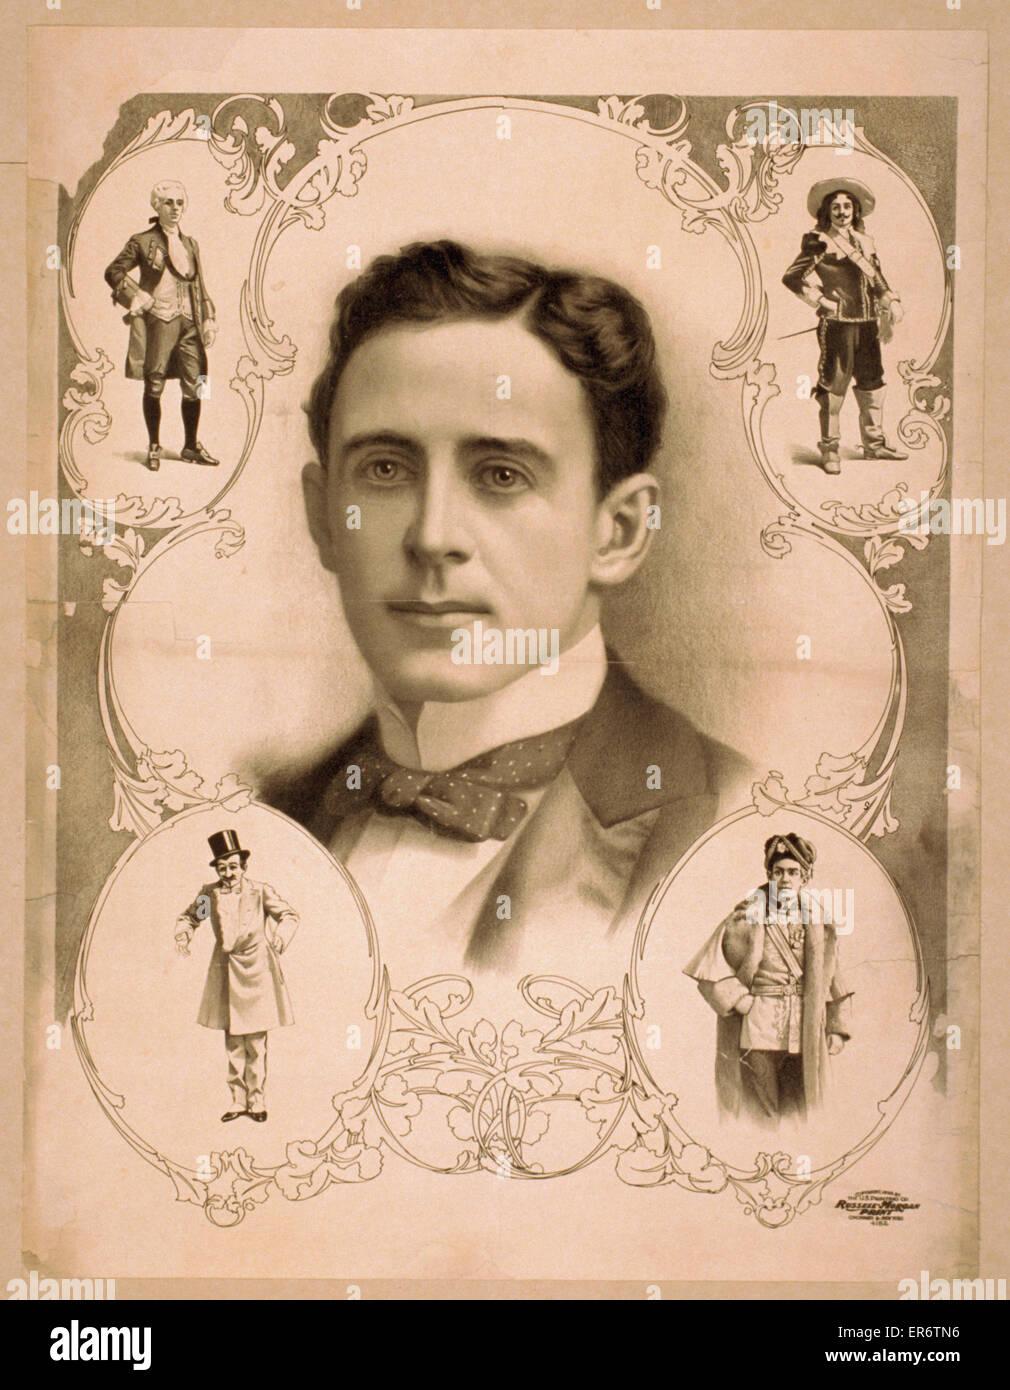 Buste de droit de l'homme dans bowtie entouré par quatre images de même l'homme en costume. Date Photo Stock